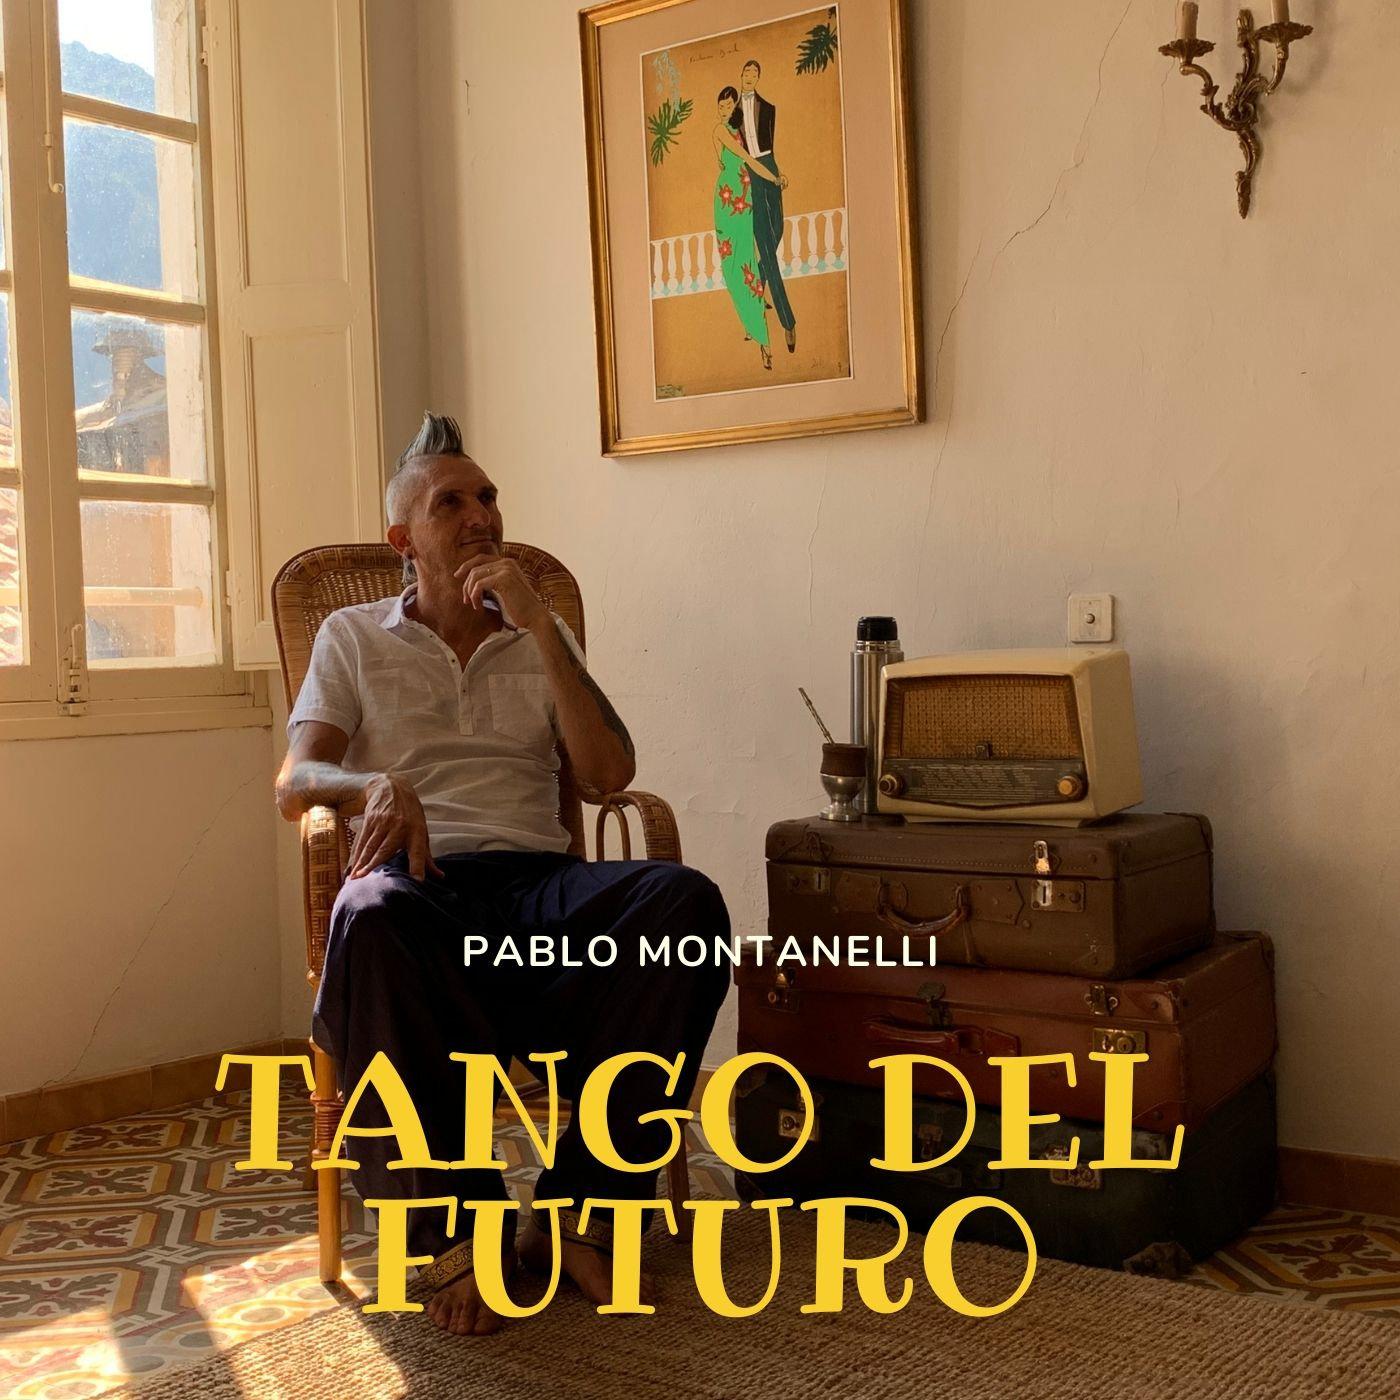 Tango del futuro cover.jpg